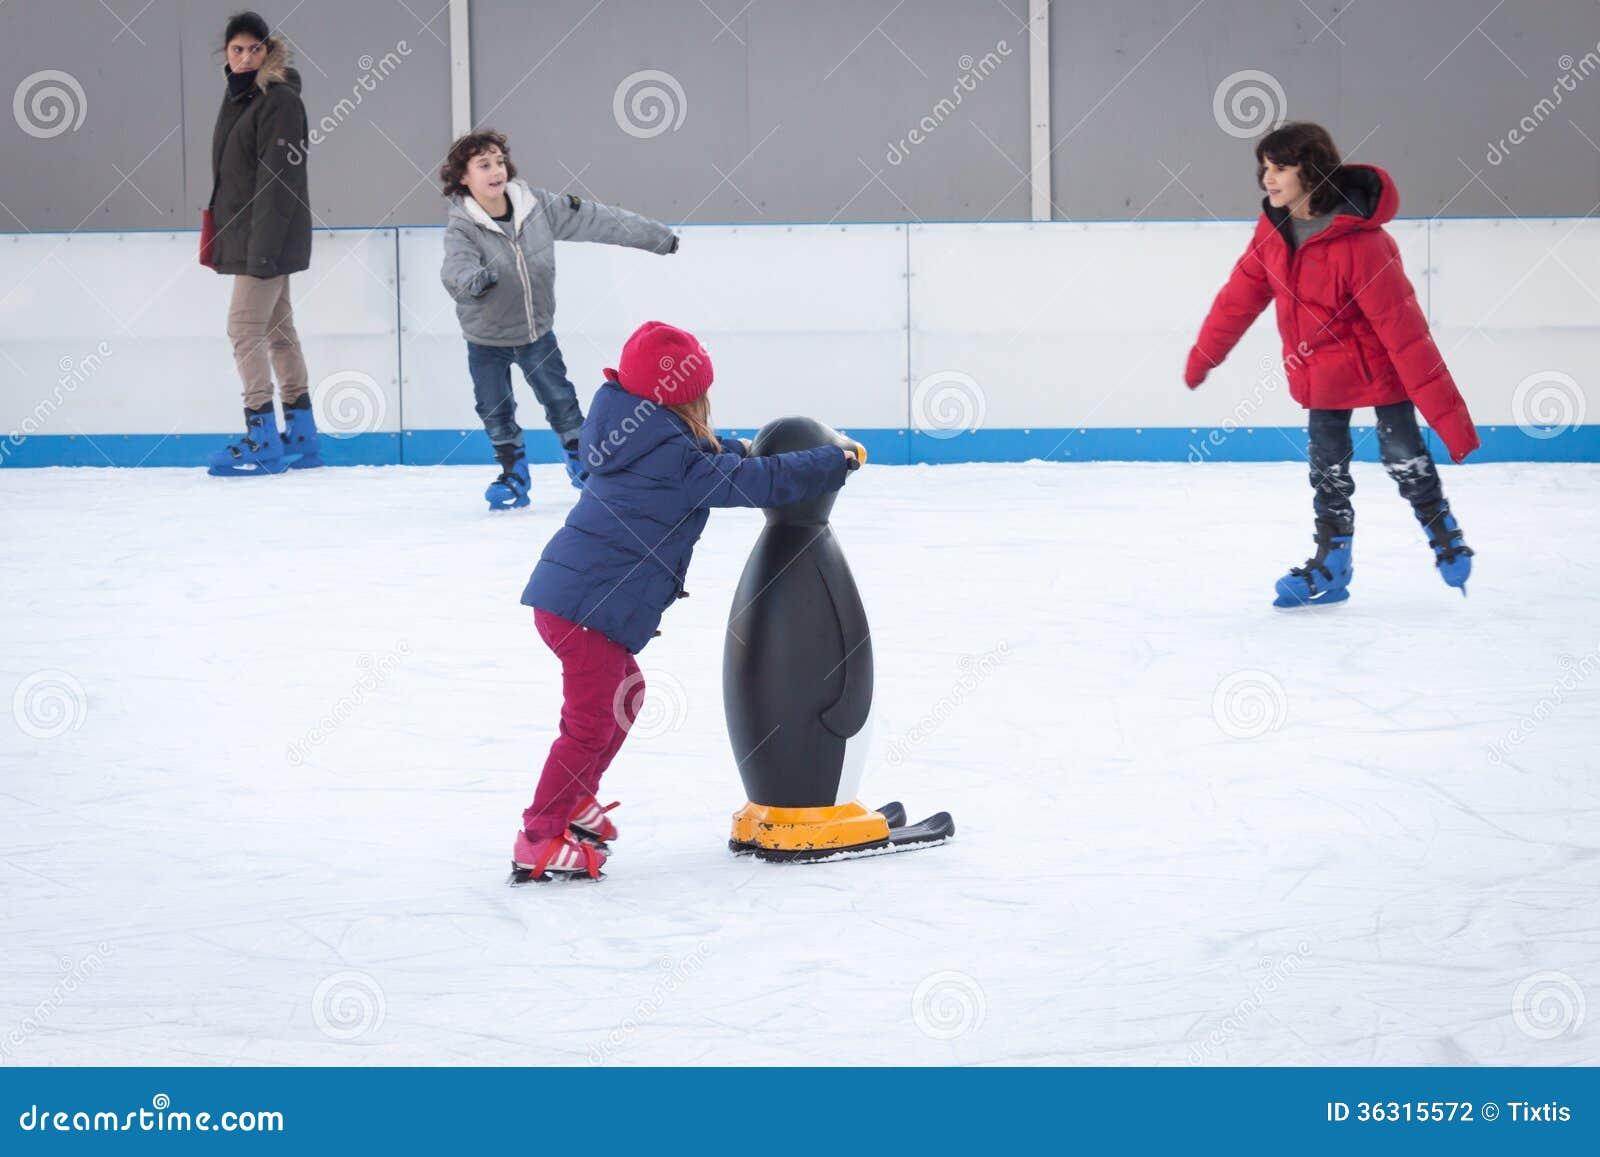 skating rink business plan